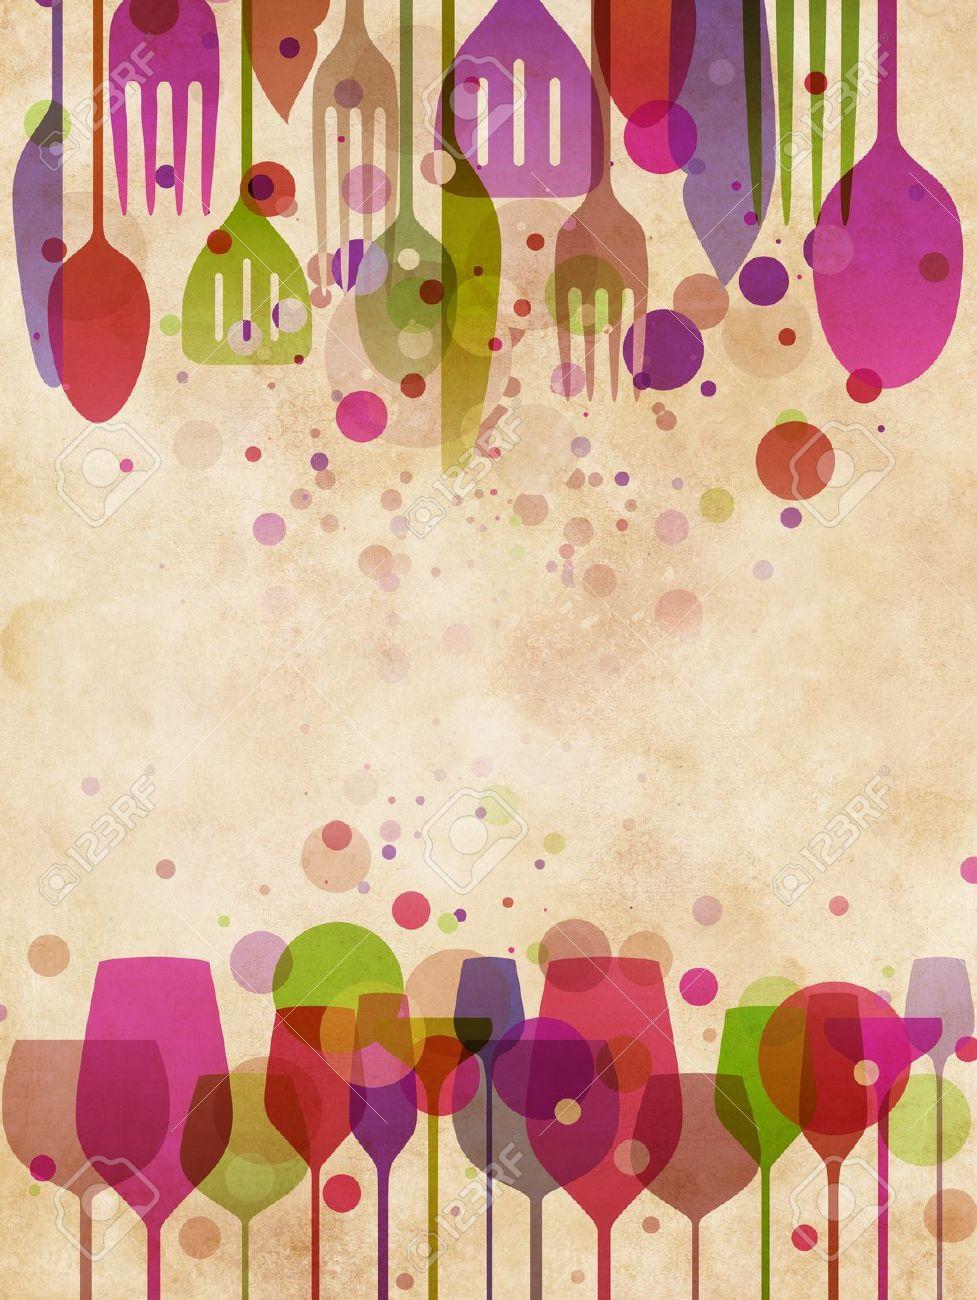 Elegant food clipart images png free Elegant food and drink clipart images - ClipartFox png free